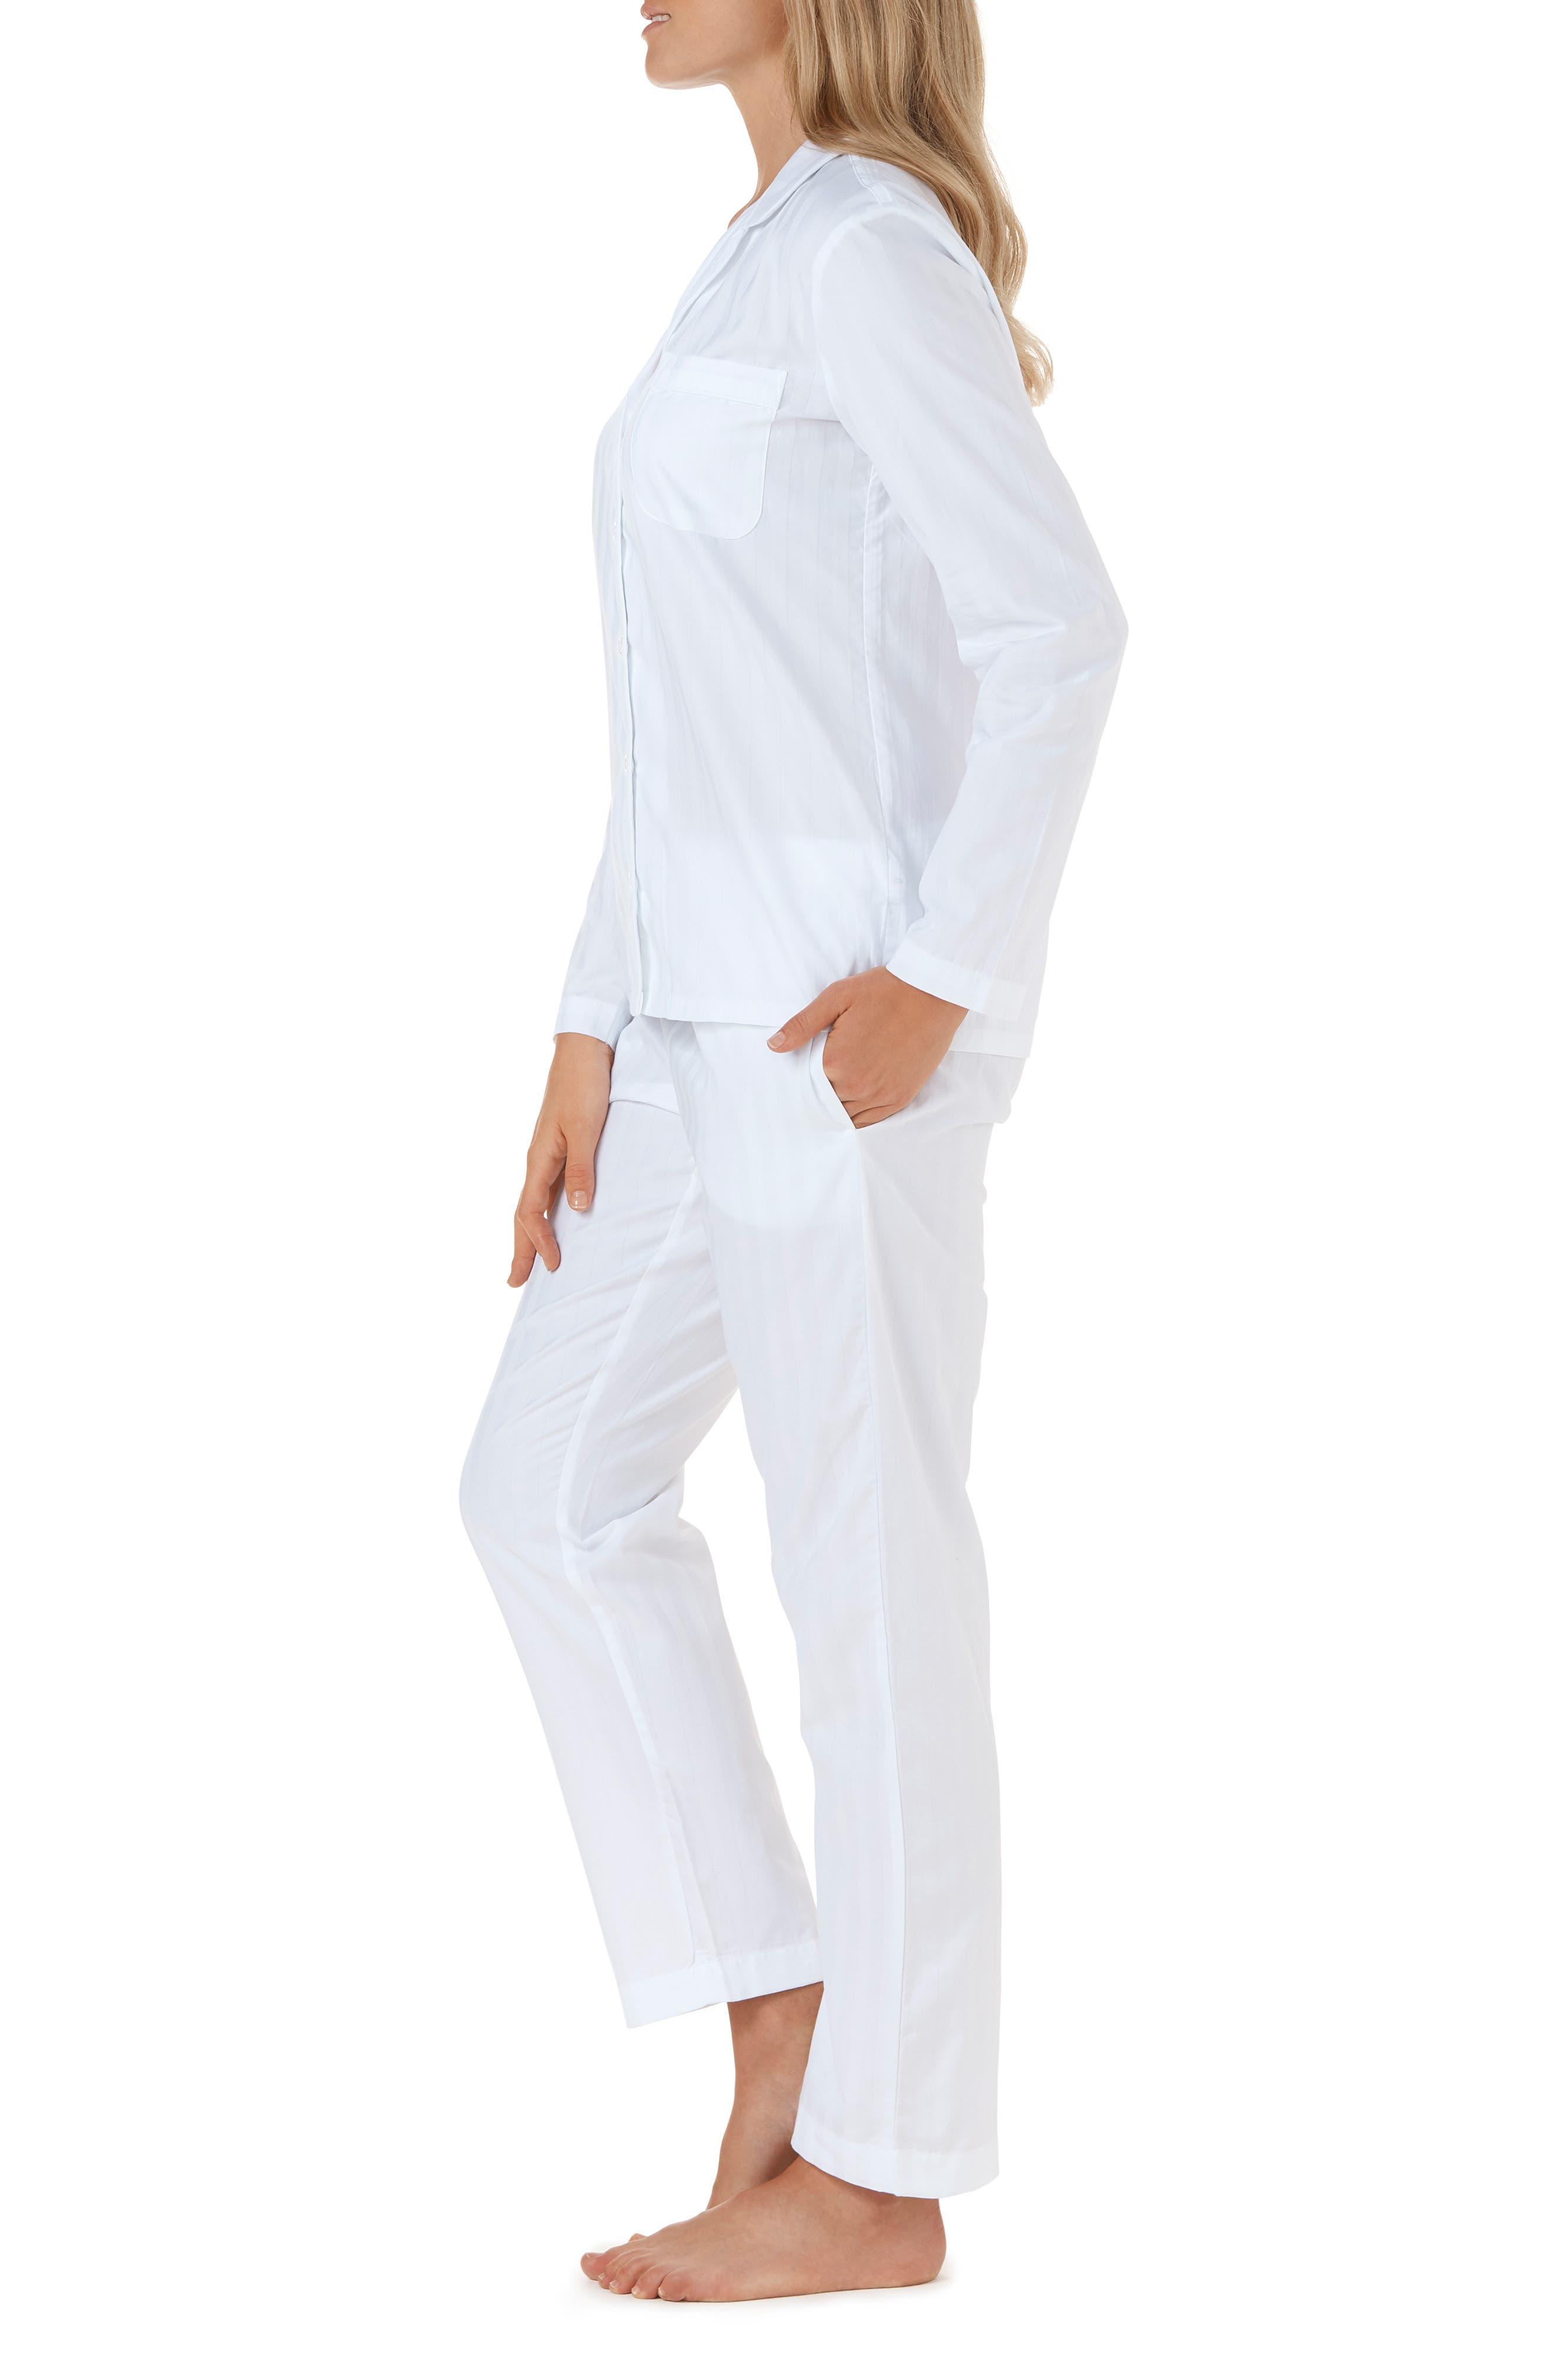 THE WHITE COMPANY,                             Cotton Pajamas,                             Alternate thumbnail 3, color,                             WHITE